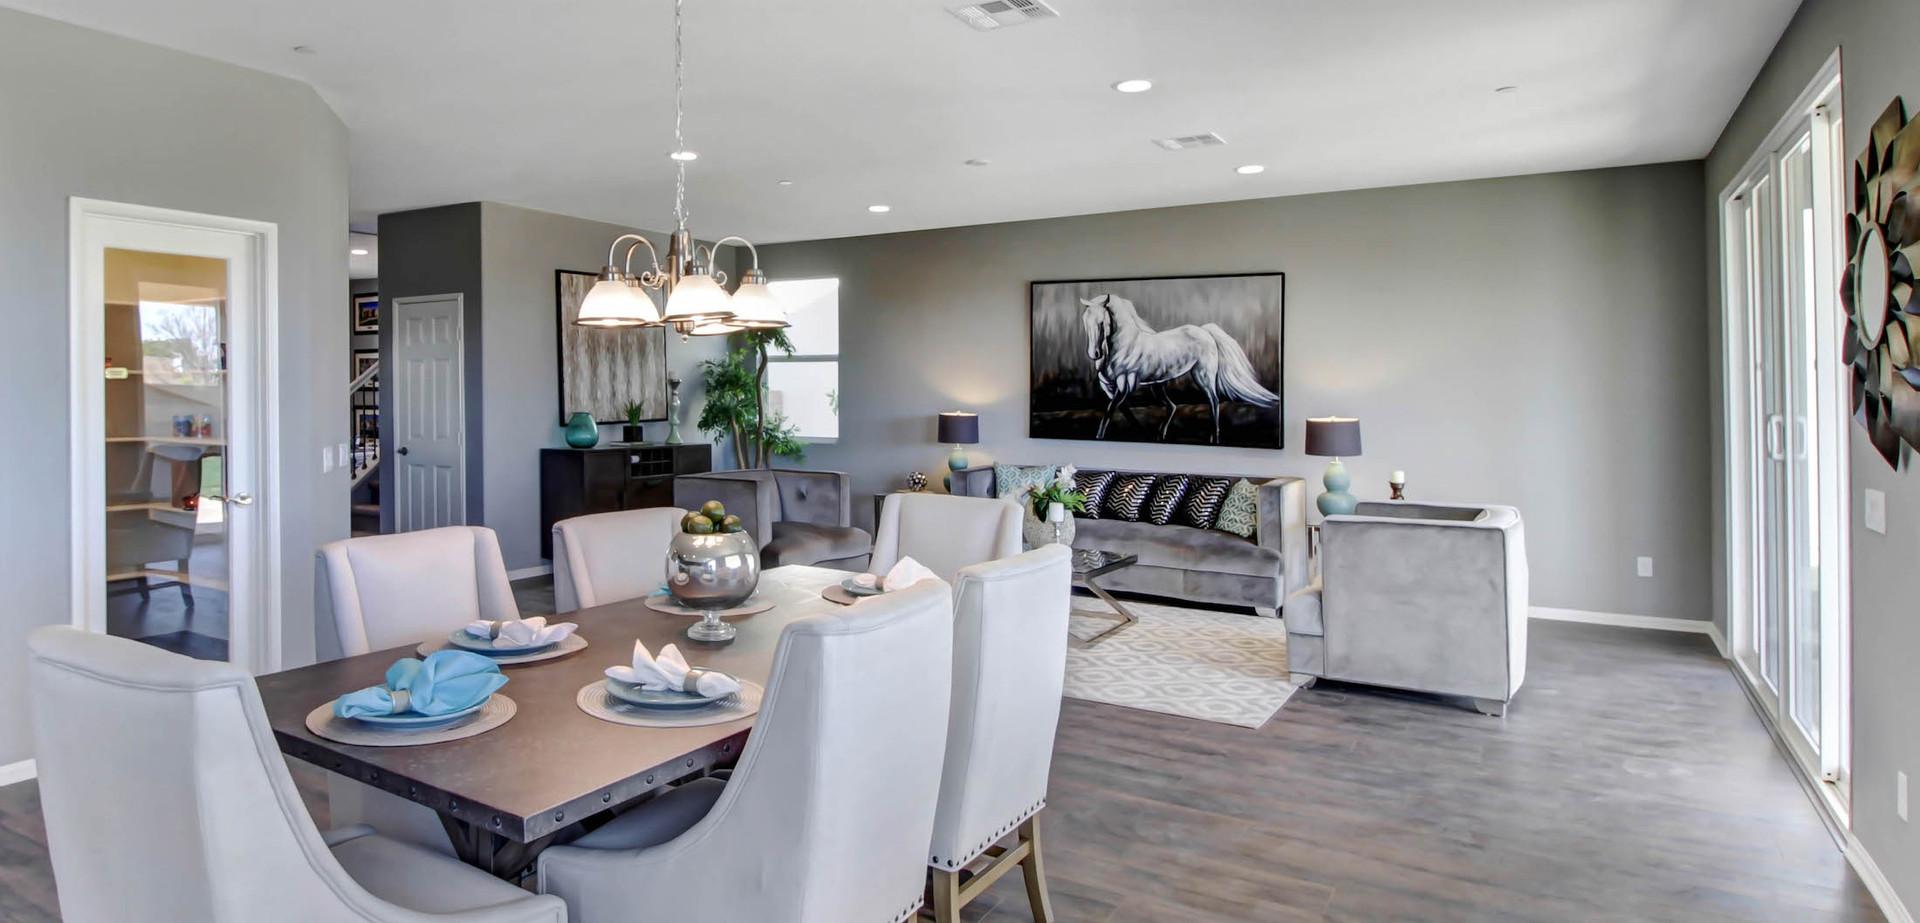 model-1 livingroom-1 2200x1500.jpg